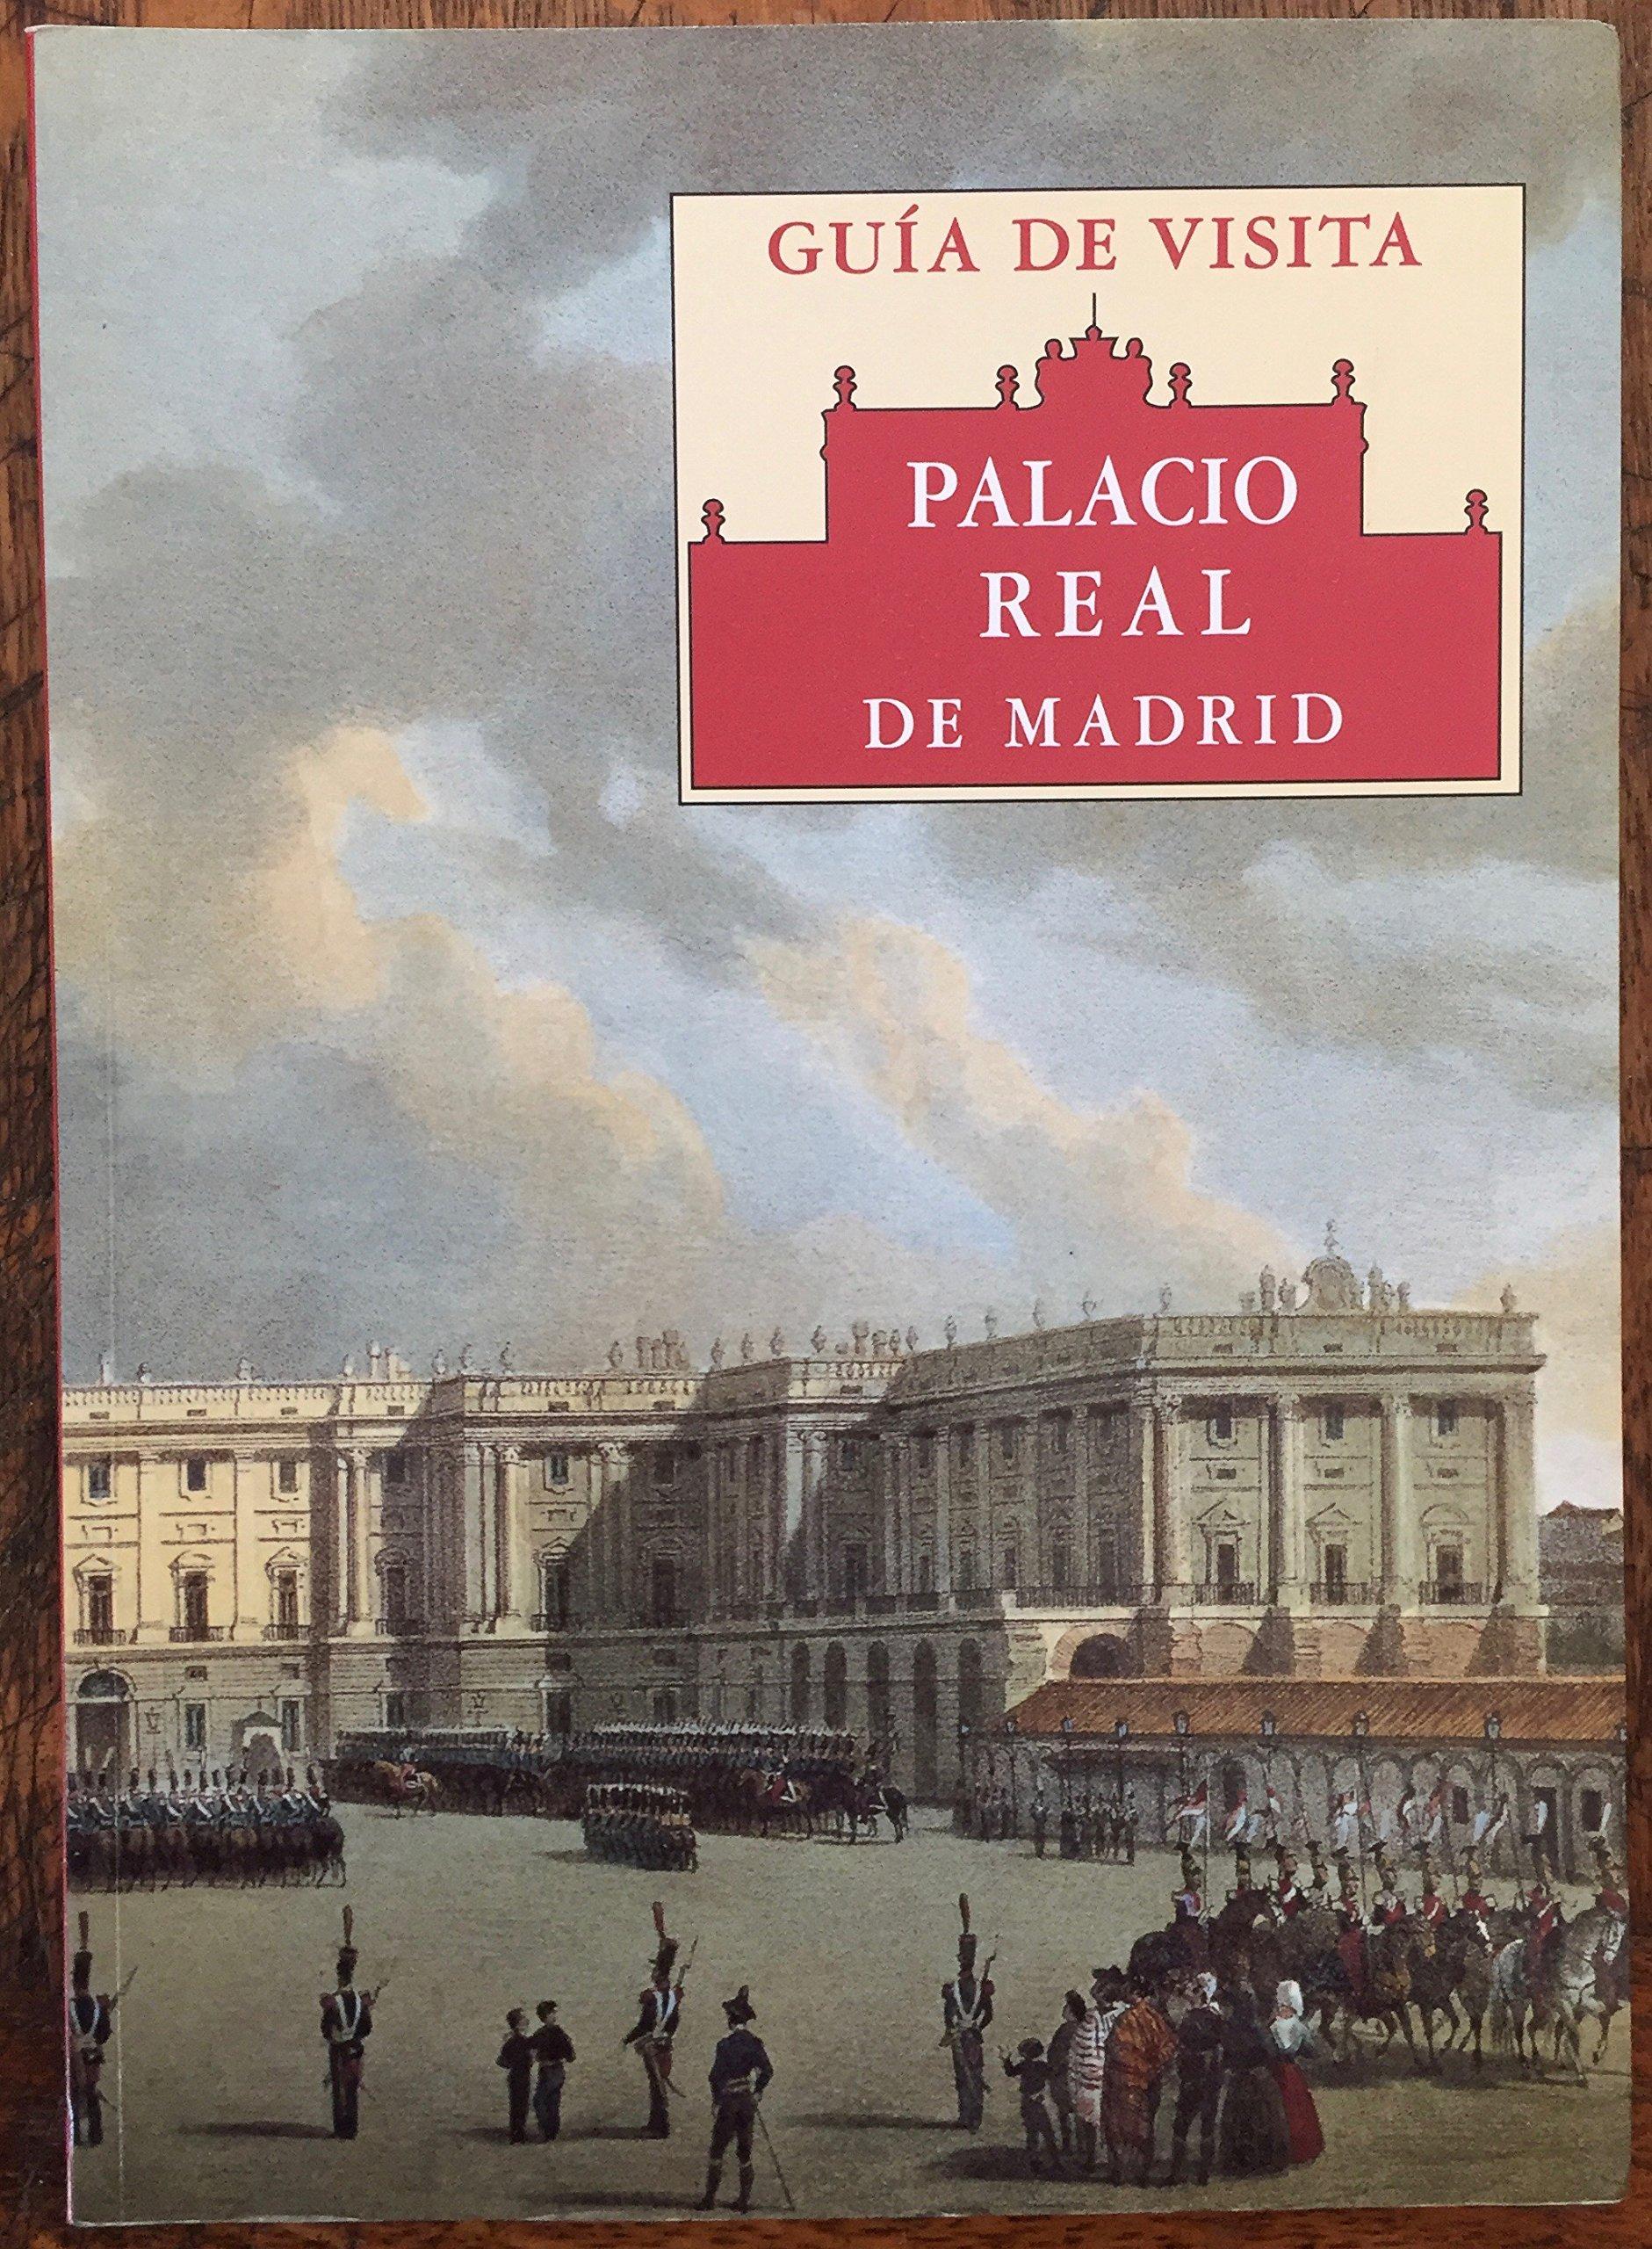 Amazon.com: Palacio Real de Madrid: Guía de visita (Spanish ...